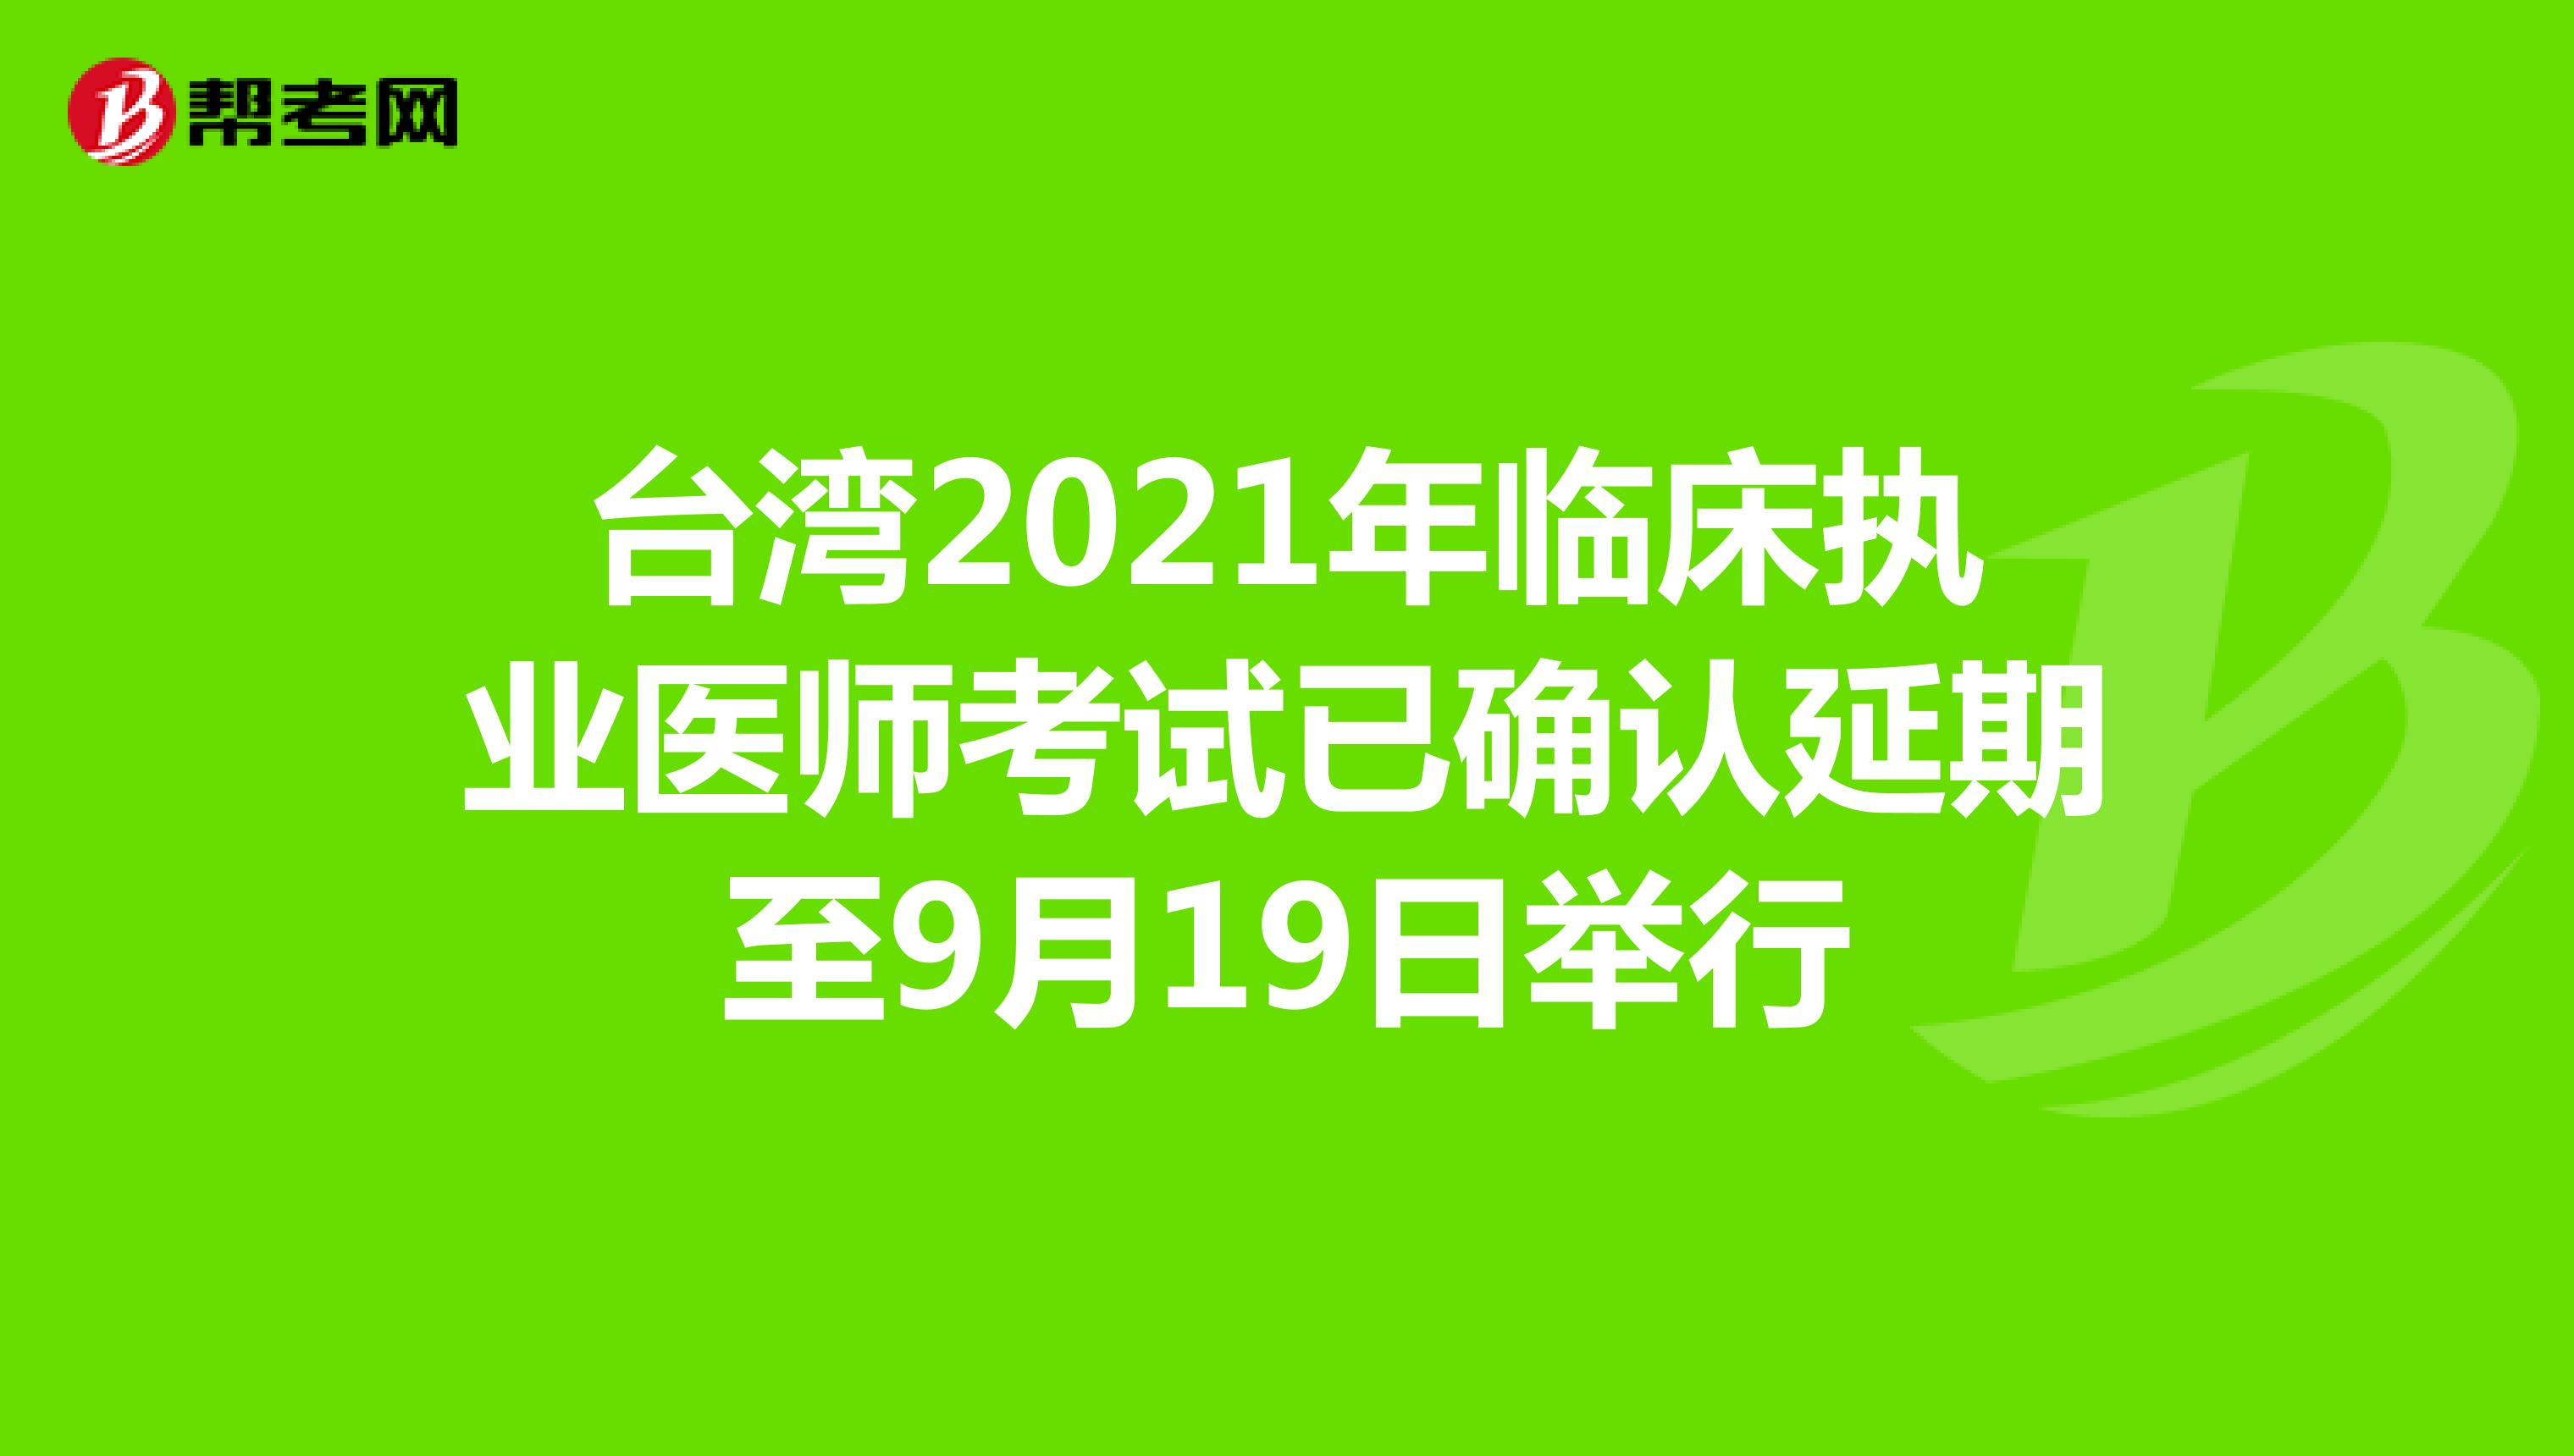 台湾2021年临床执业医师考试已确认延期至9月19日举行